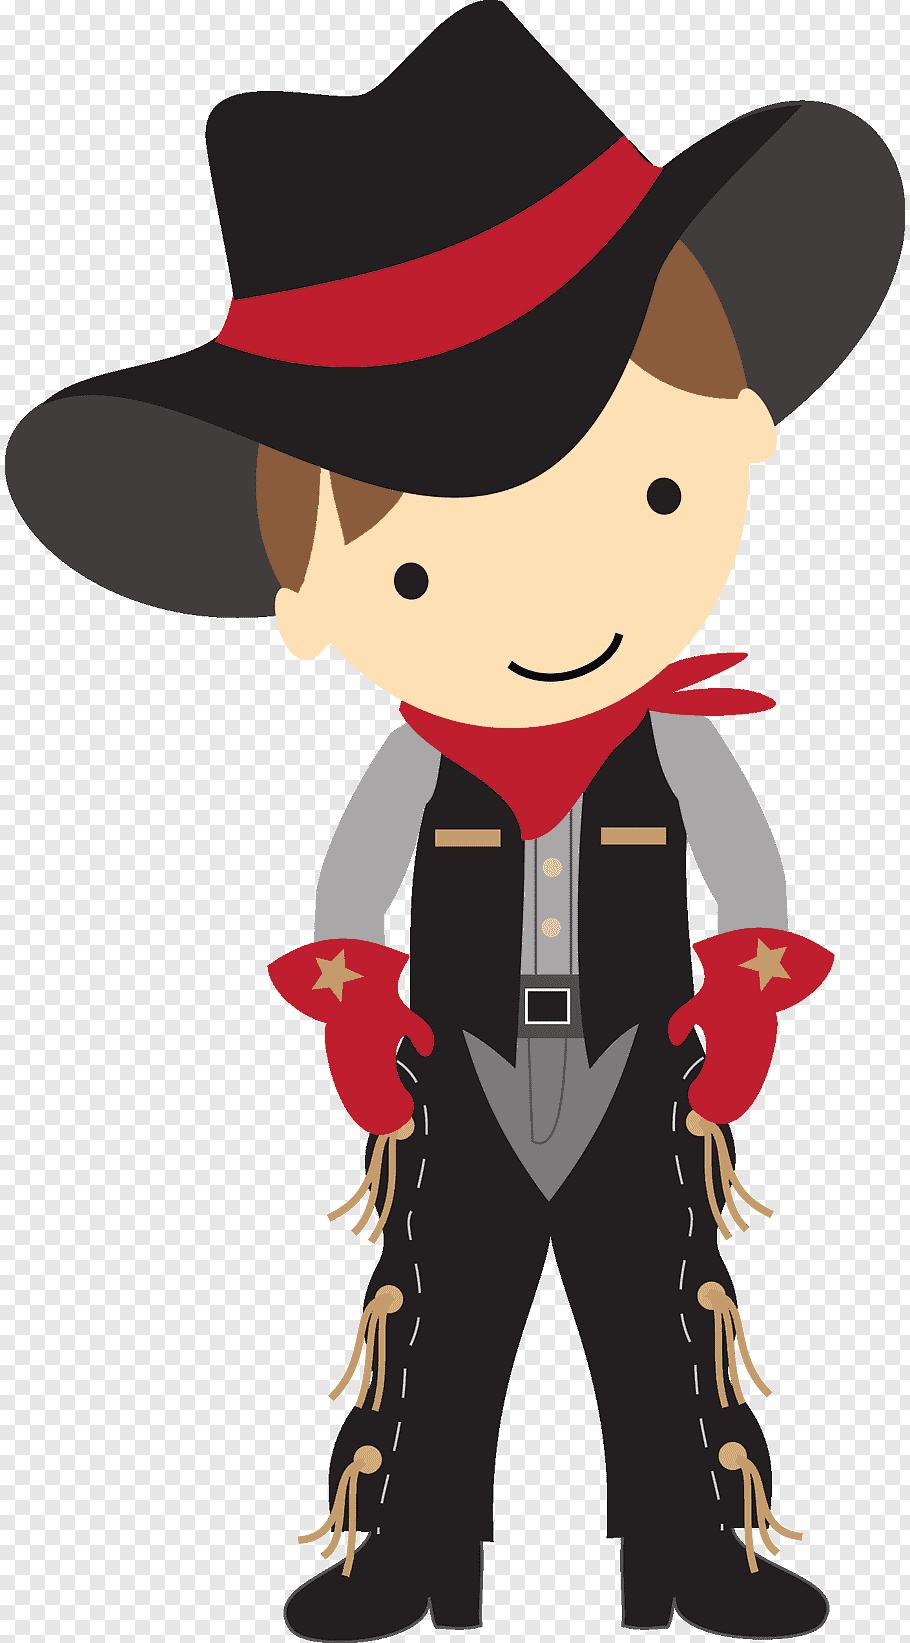 Cowboy illustration, Cowboy Western, cowboy free png.